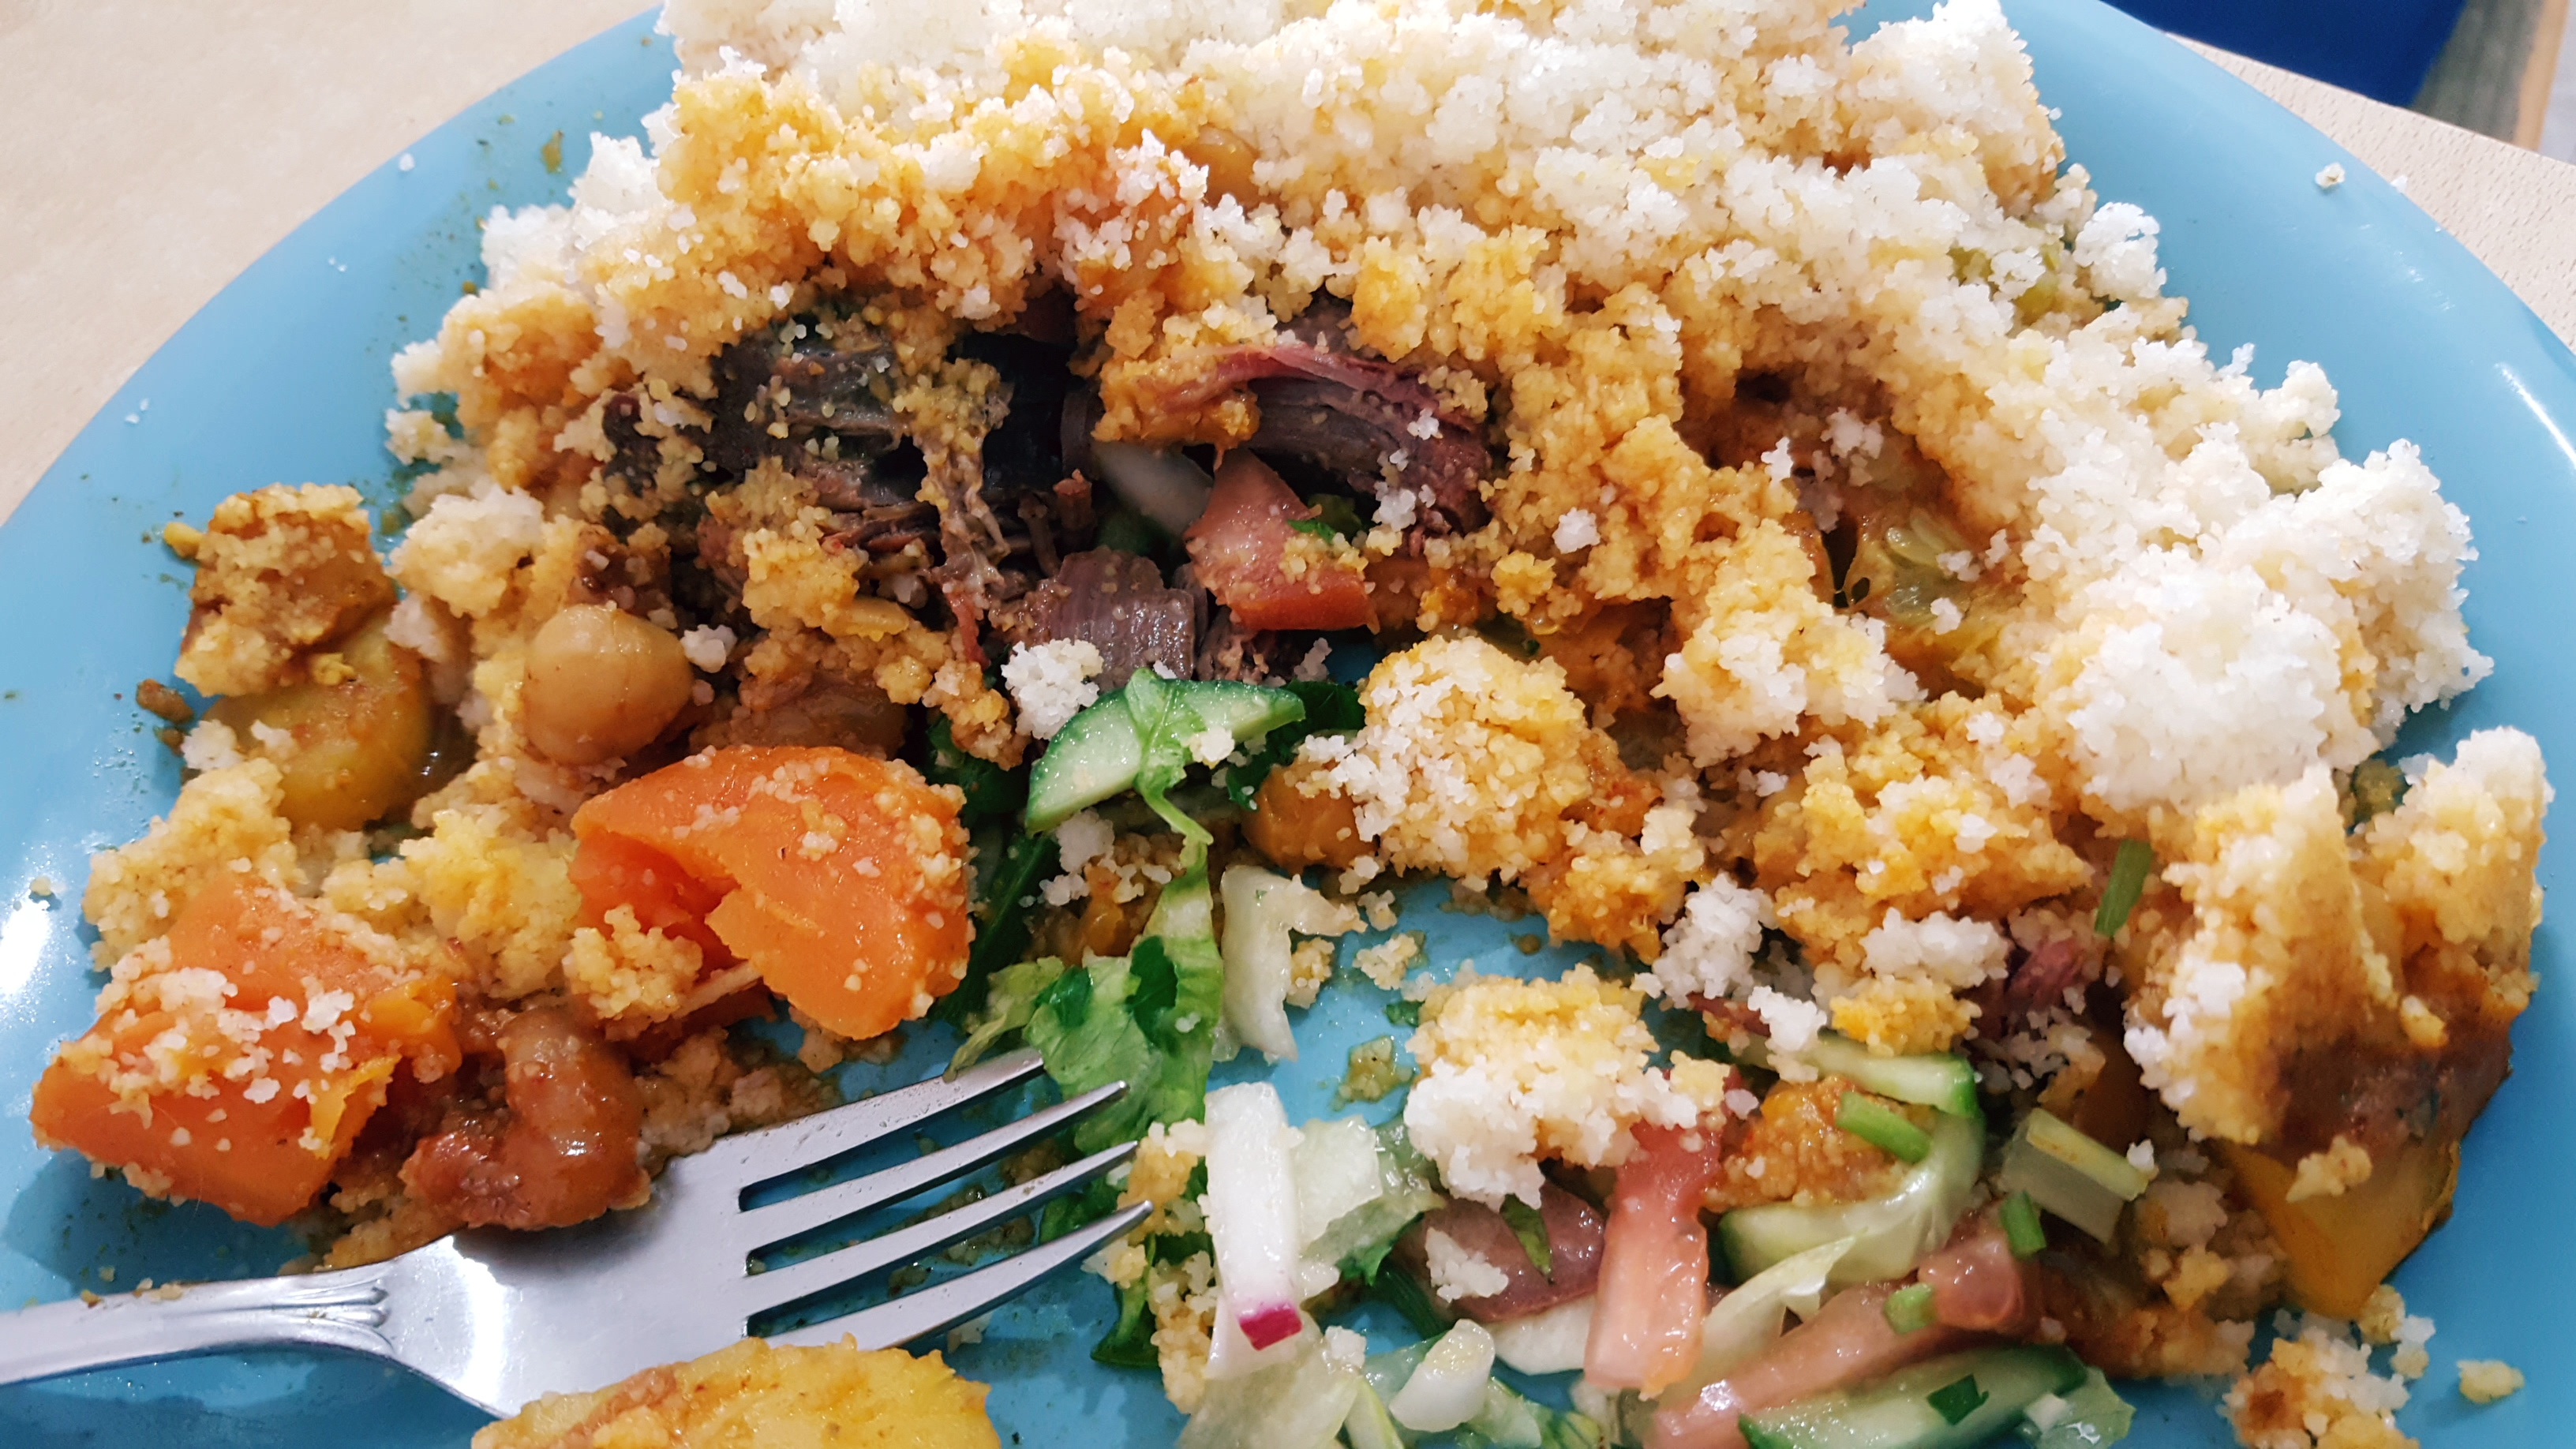 קוסקוס מרוקאי עם סולת וירקות